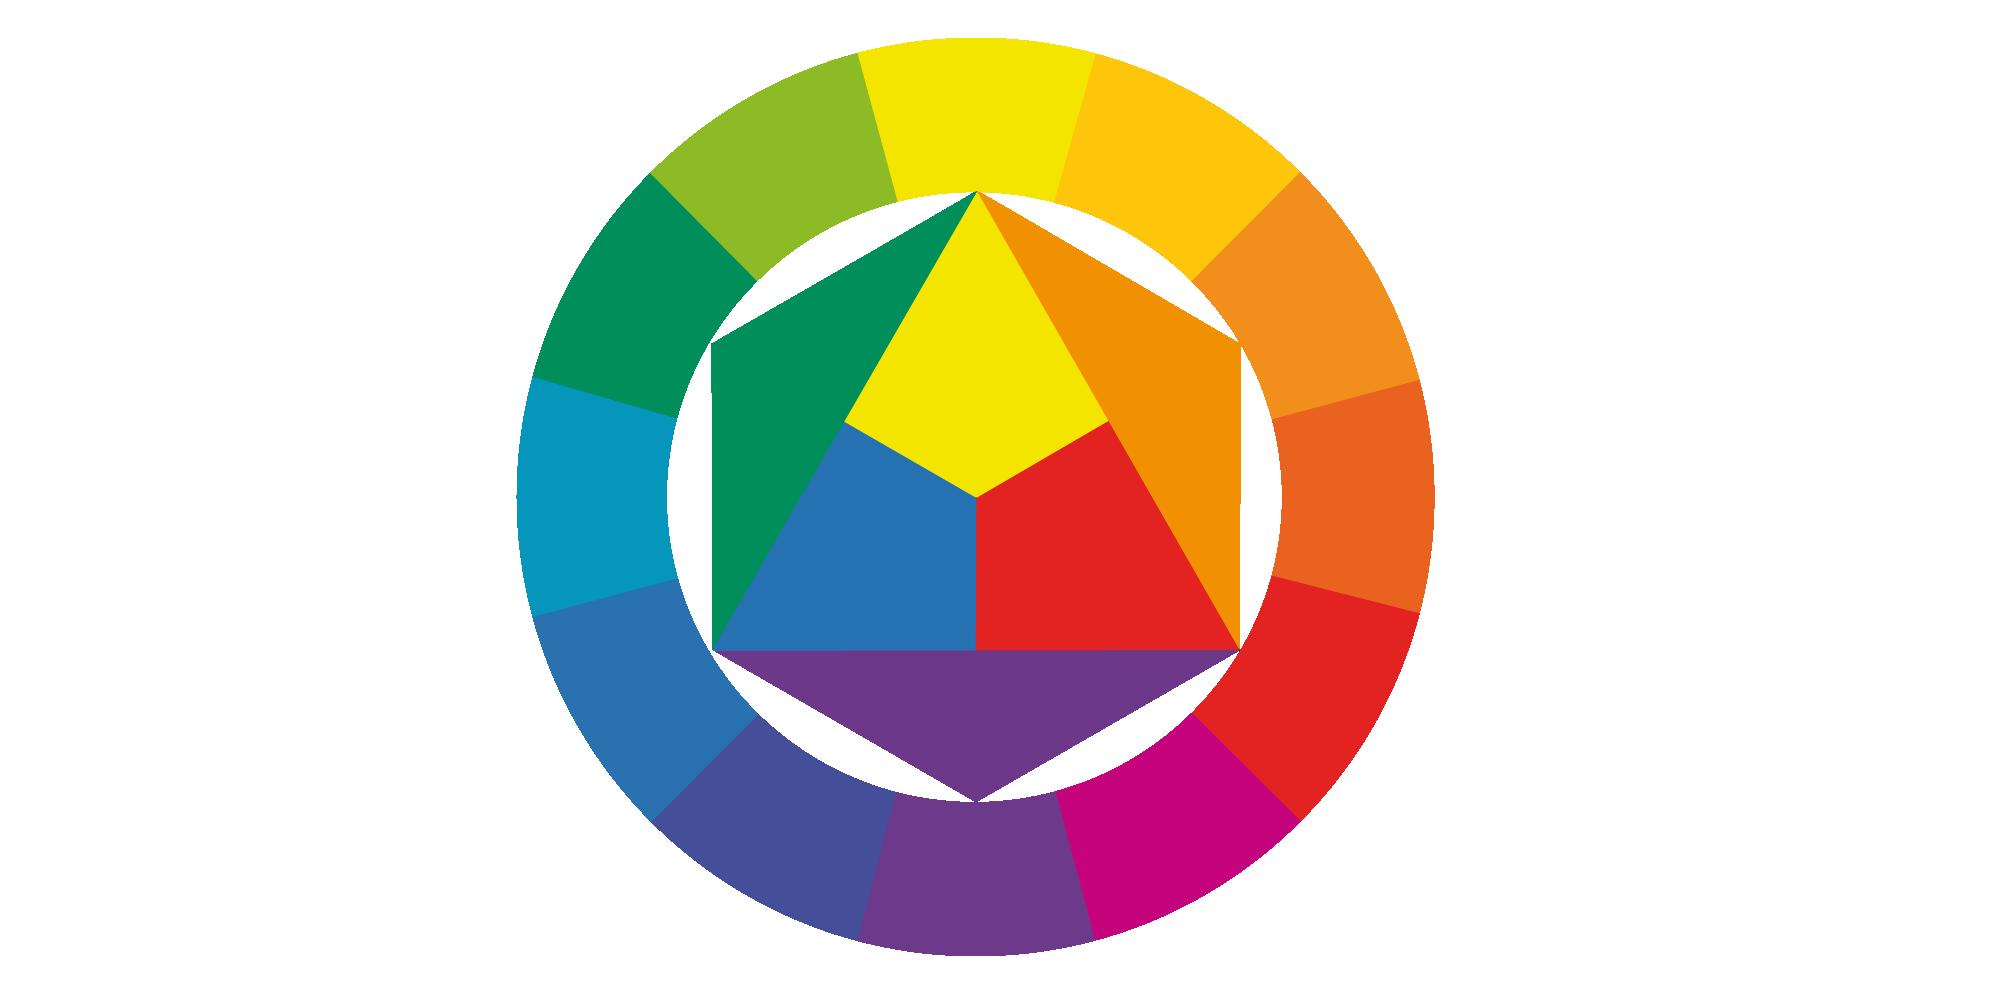 e5e60b48 Medieuttrykk og mediesamfunnet - Farger som virkemiddel - NDLA